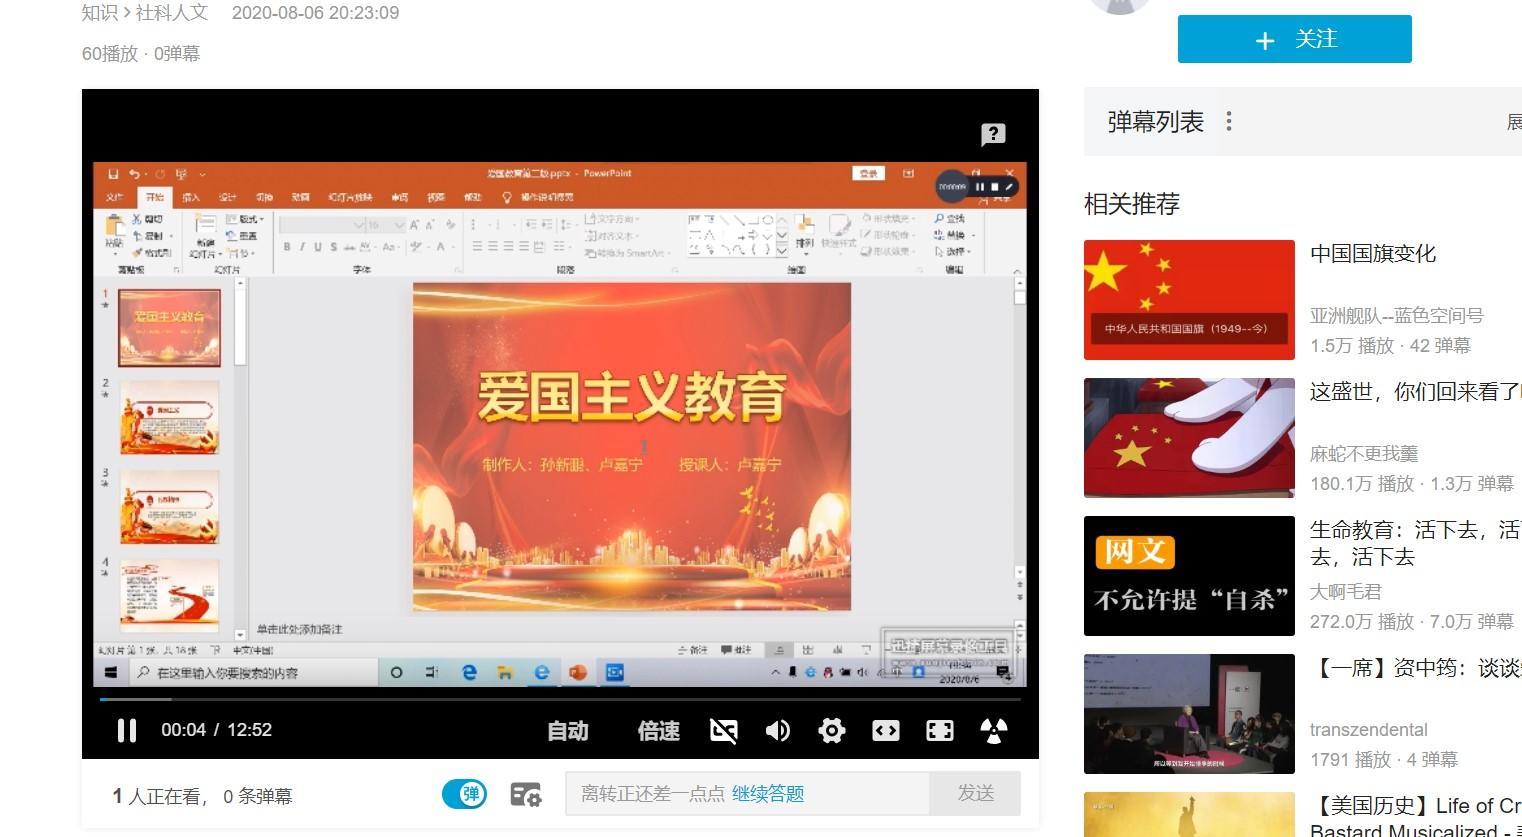 济南日报报业集团驻村第一书记: